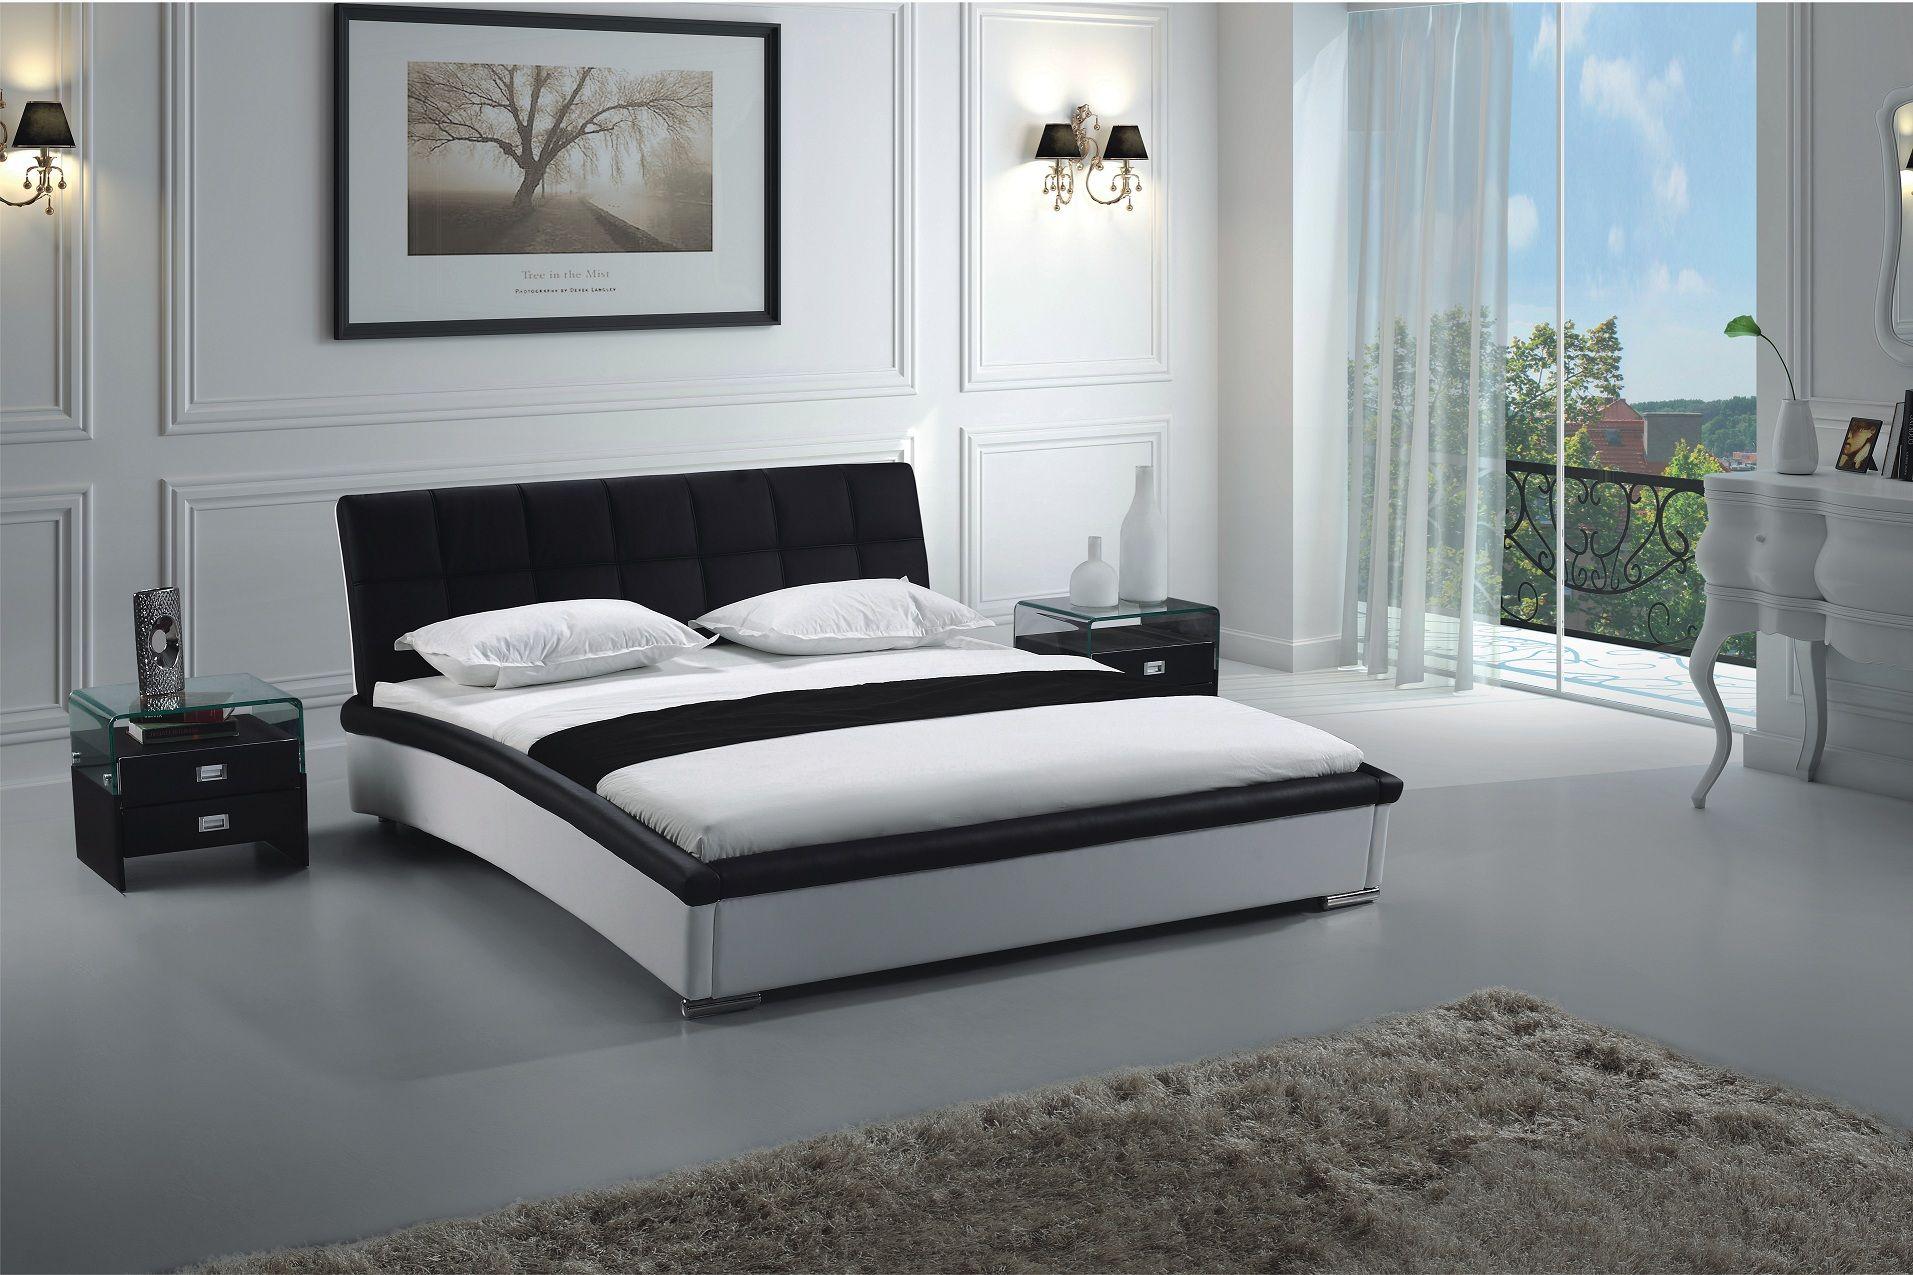 Sammy Kunstleder Bett Schwarz Weiss Weiss Schwarz 160 X 200 Online Kaufen Bei Woonio Bett Modern Luxusschlafzimmer Modernes Bett